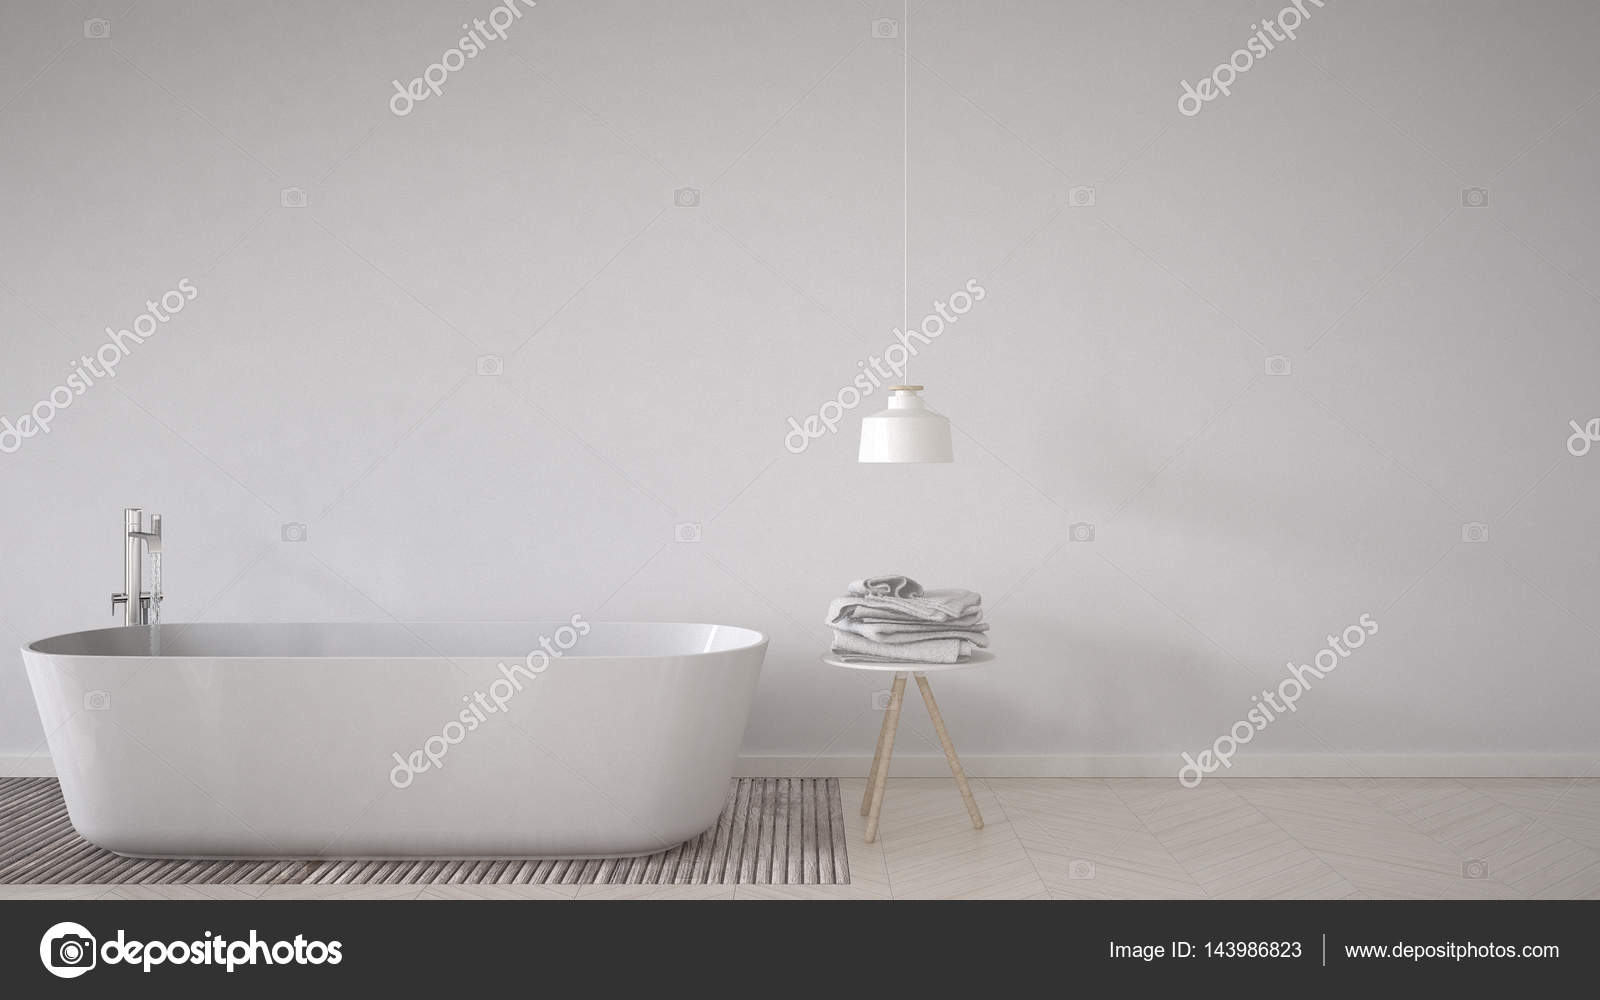 Vasca Da Bagno Bassa : Priorità bassa scandinavo bagno vasca da bagno tavolo e lampada